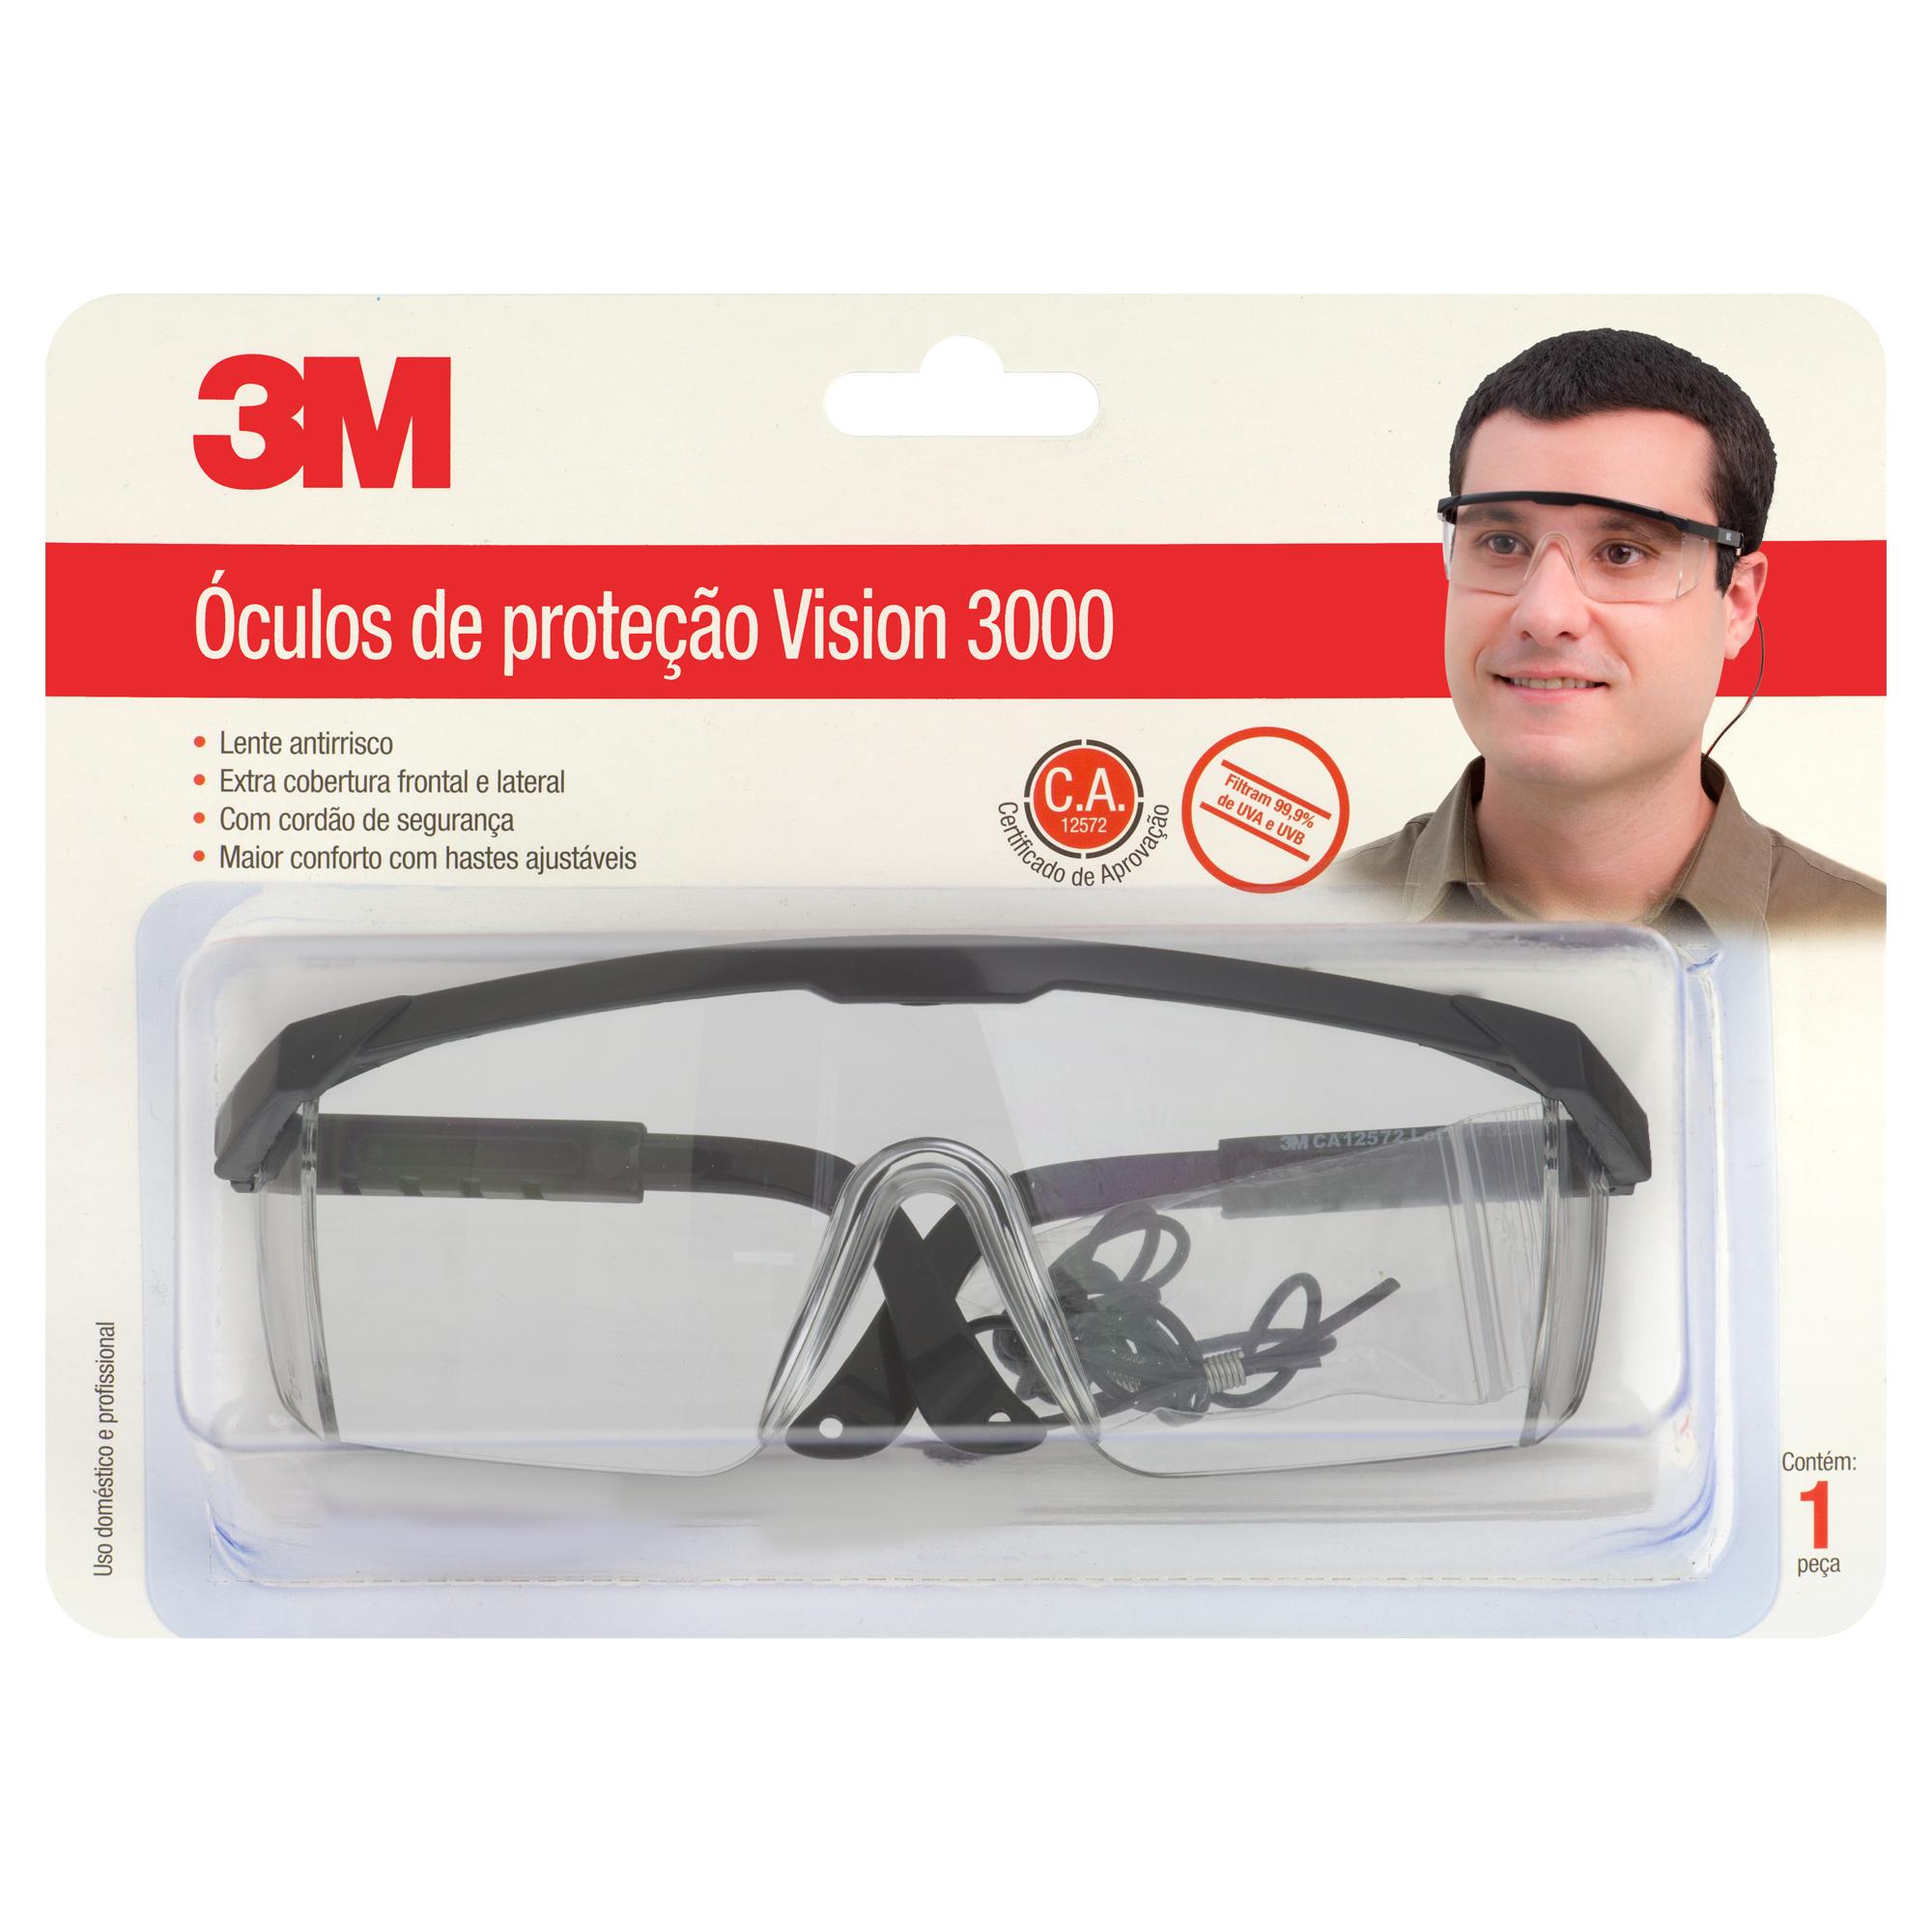 778e894de Óculos Proteção Polipropileno Vision 3000 Incolor - 3M aqui na ...